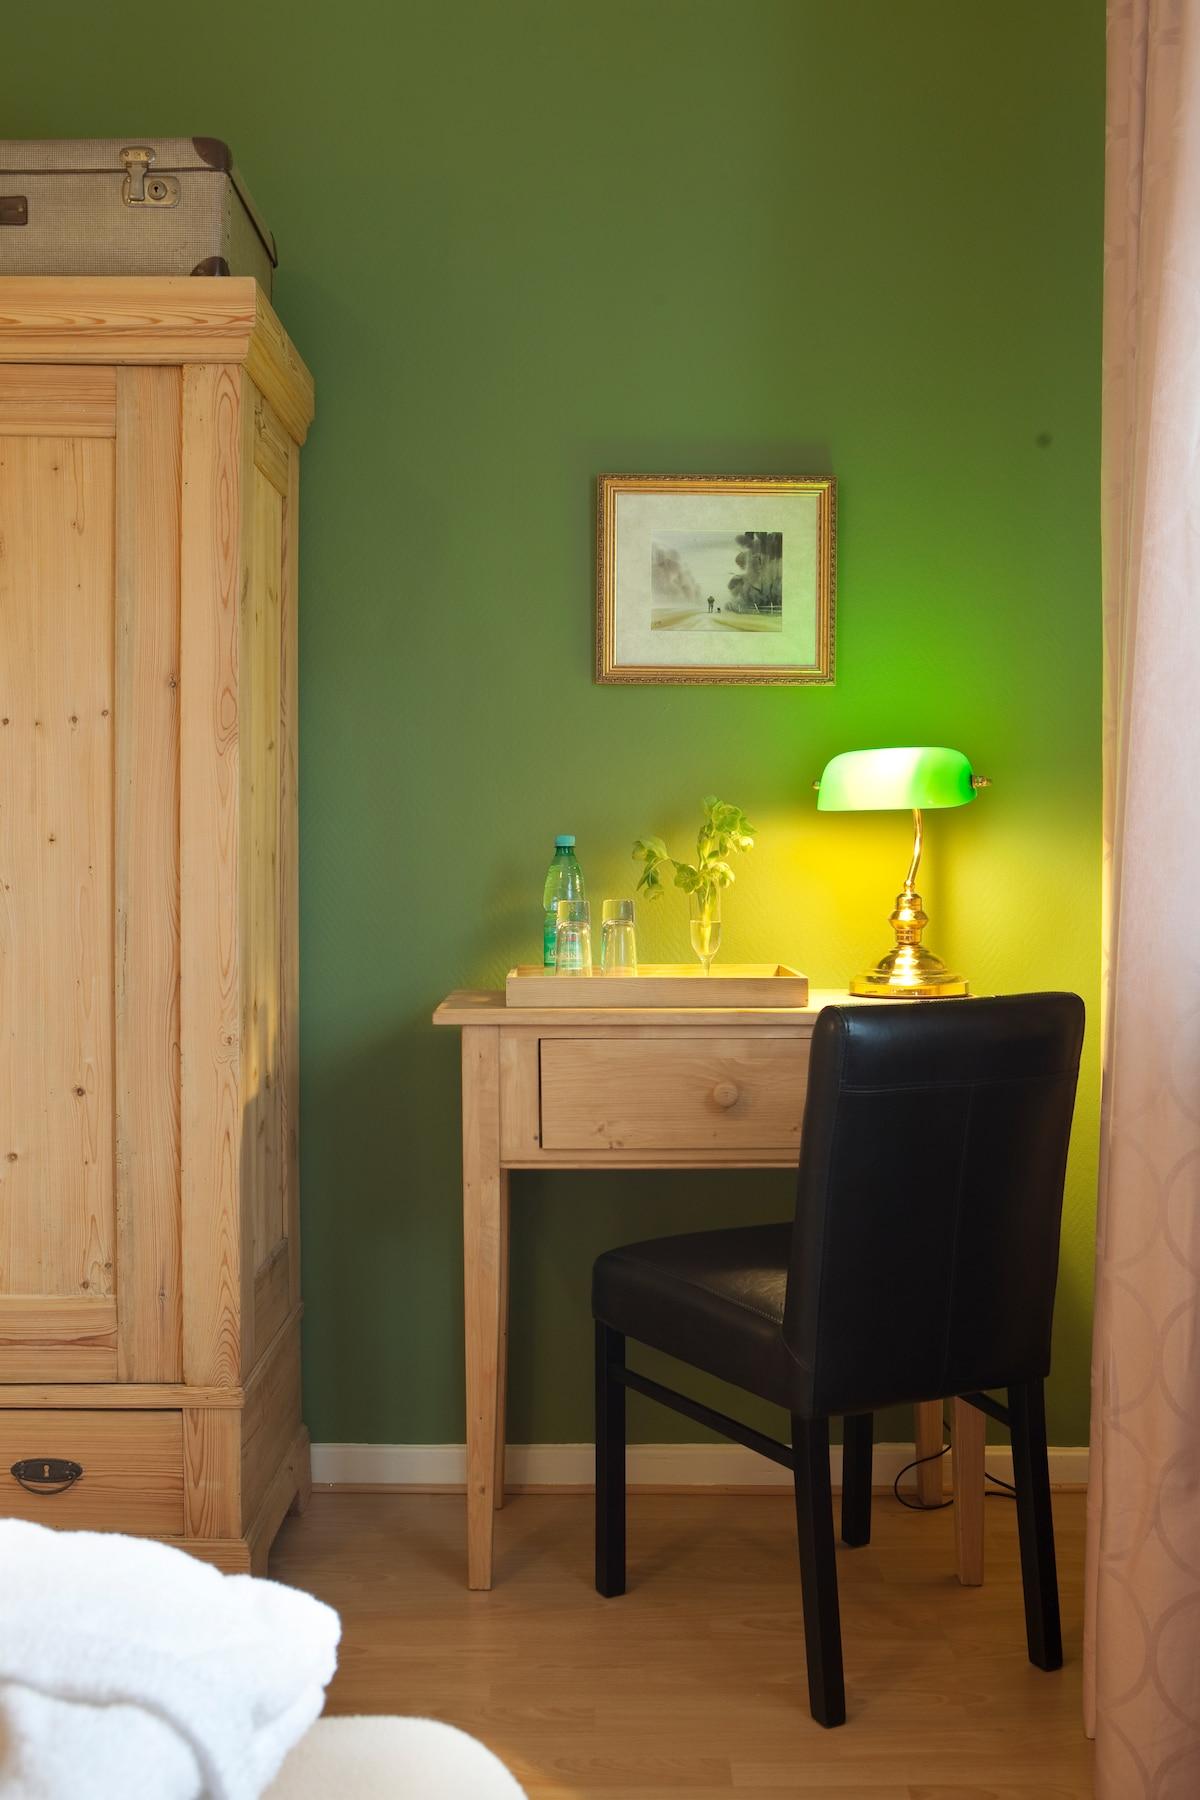 Zimmer 2, das grüne Zimmer